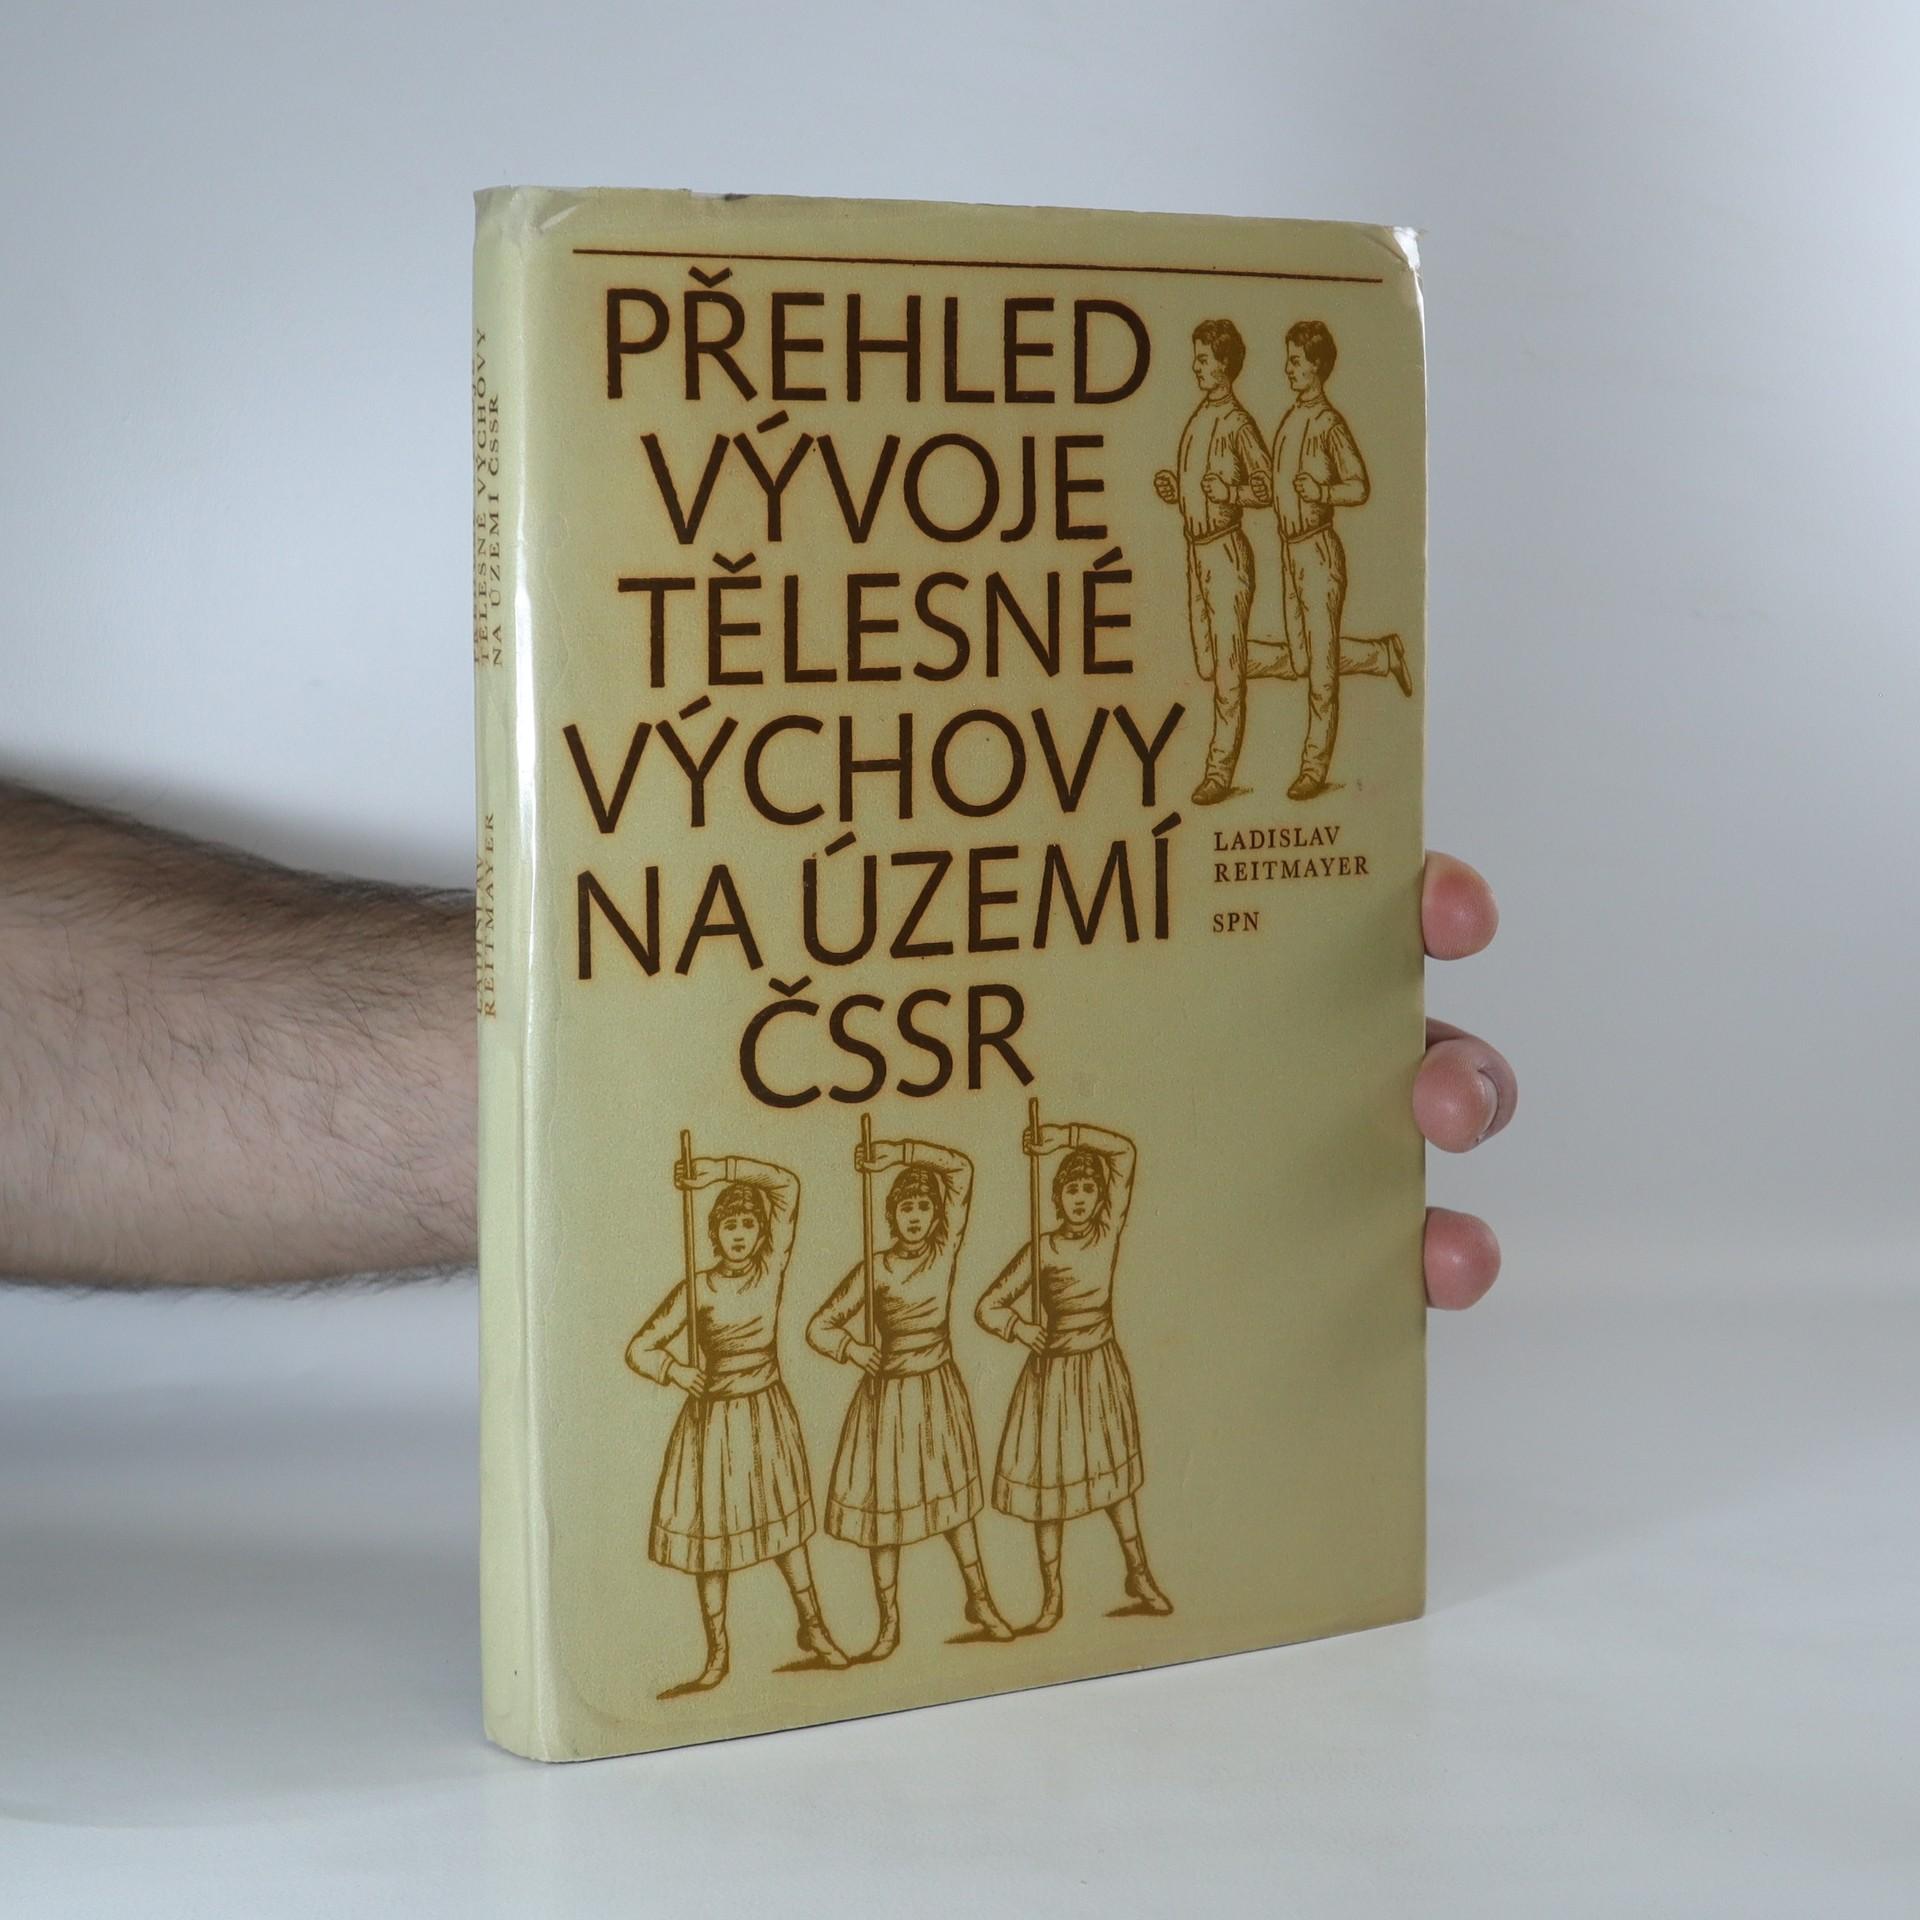 antikvární kniha Přehled vývoje tělesné výchovy na území ČSSR, 1975